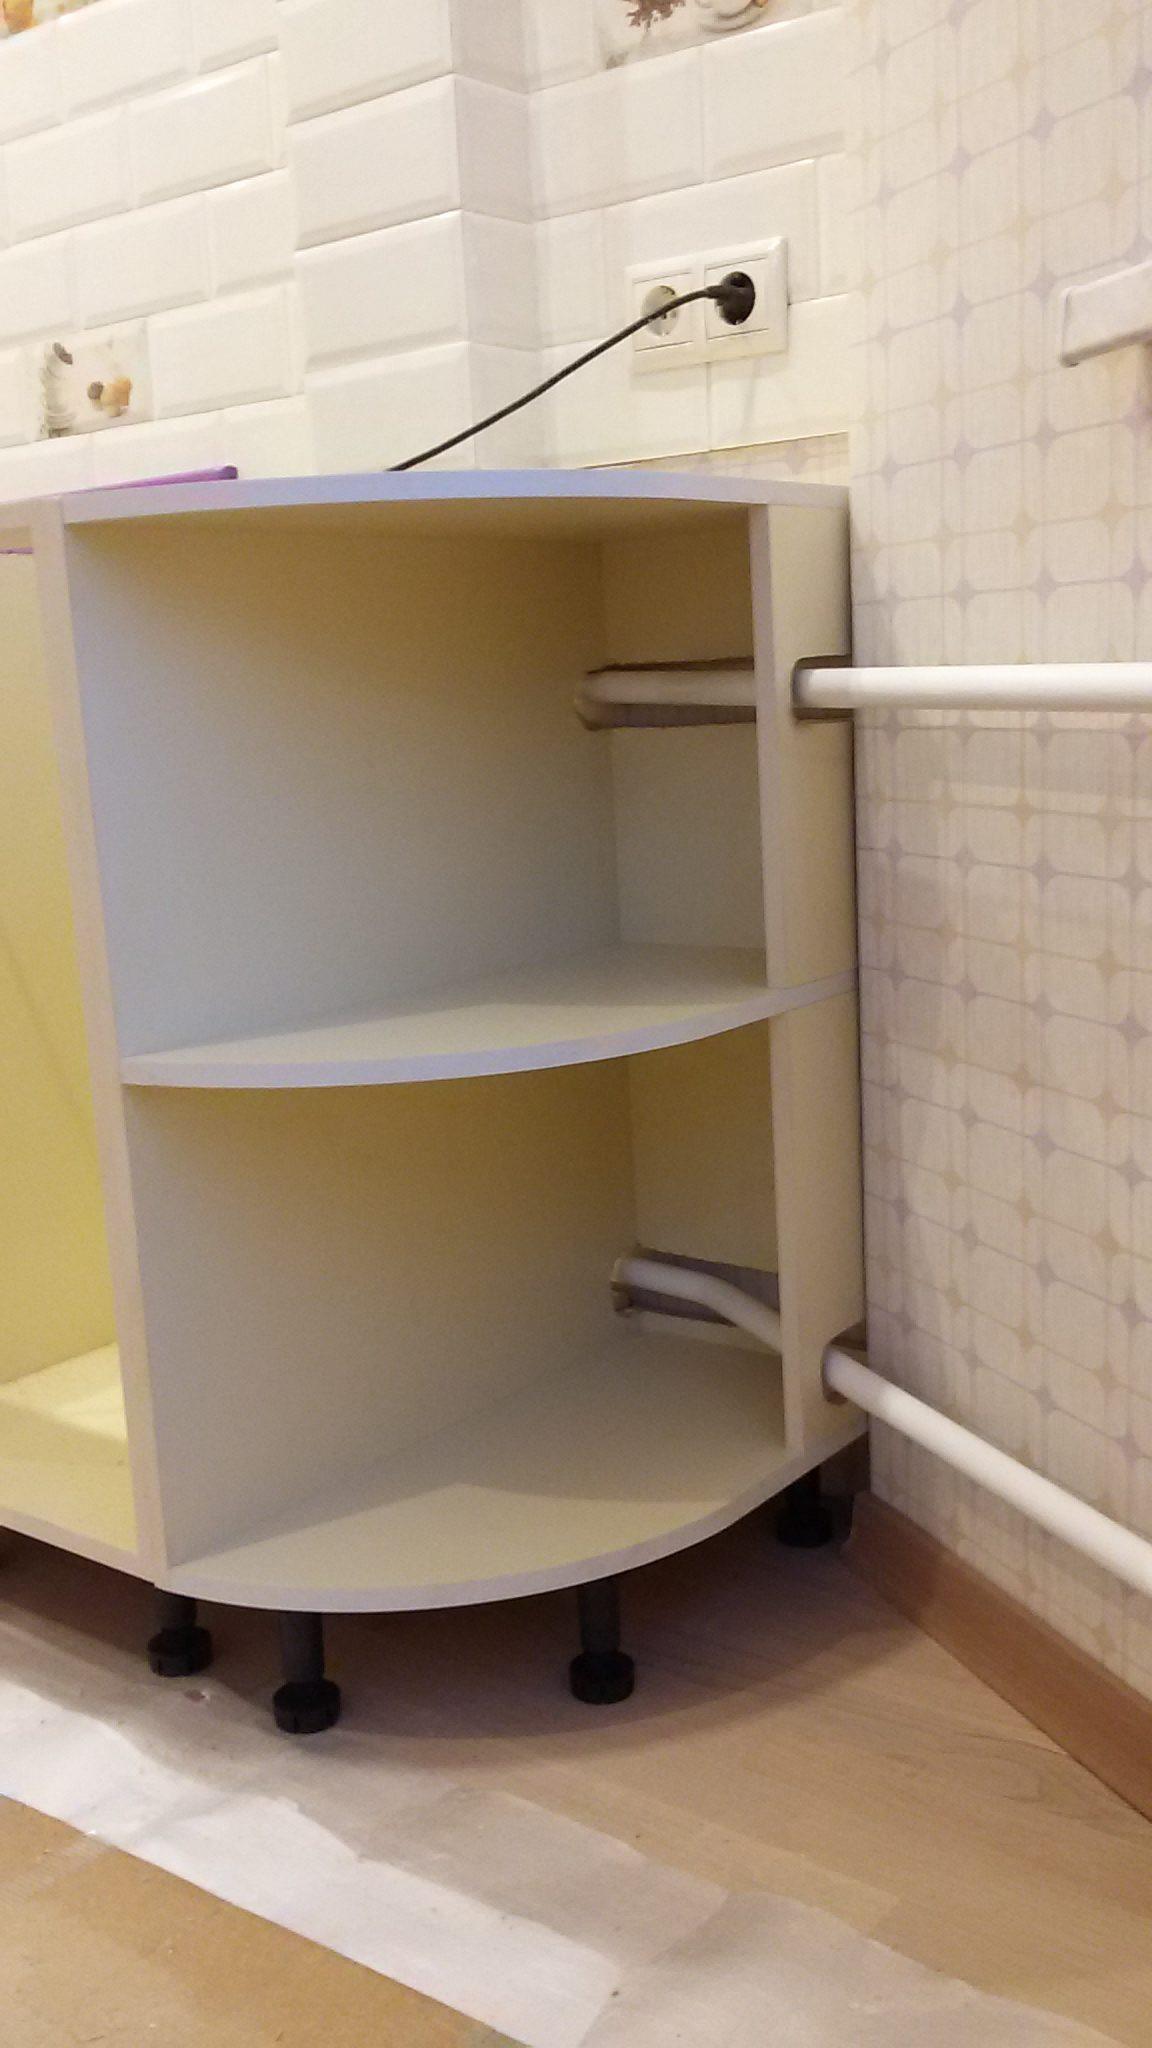 вырезы под трубы отопления в кухонной мебели кухня с эркером дом П-44Т